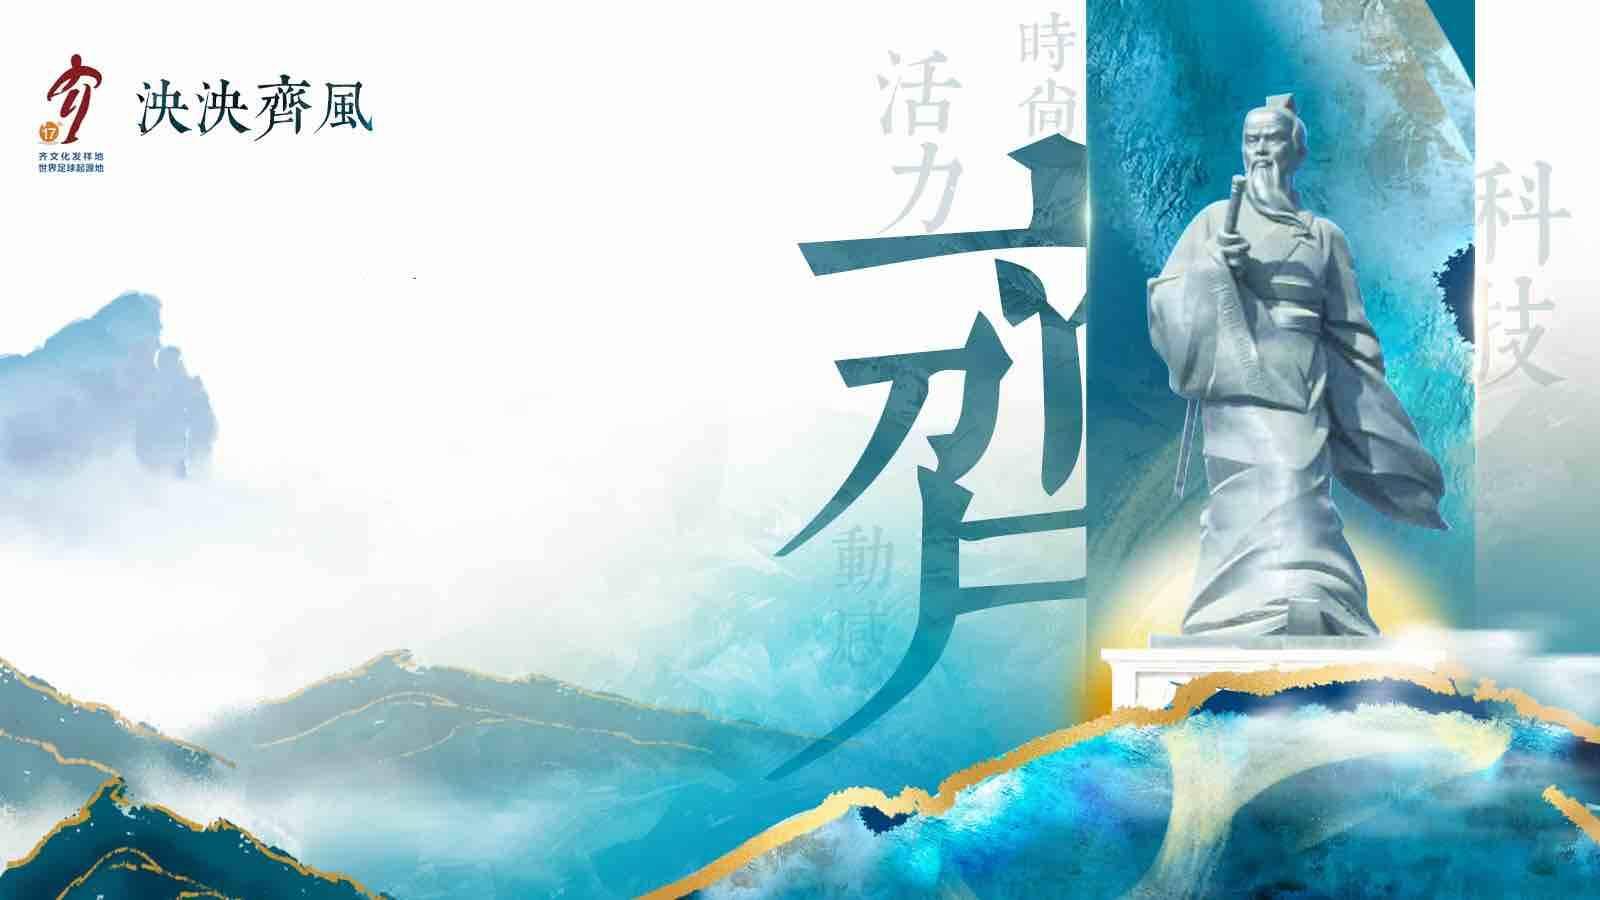 第十七届齐文化节9月12日开幕 临淄区部分路段实施交通管制